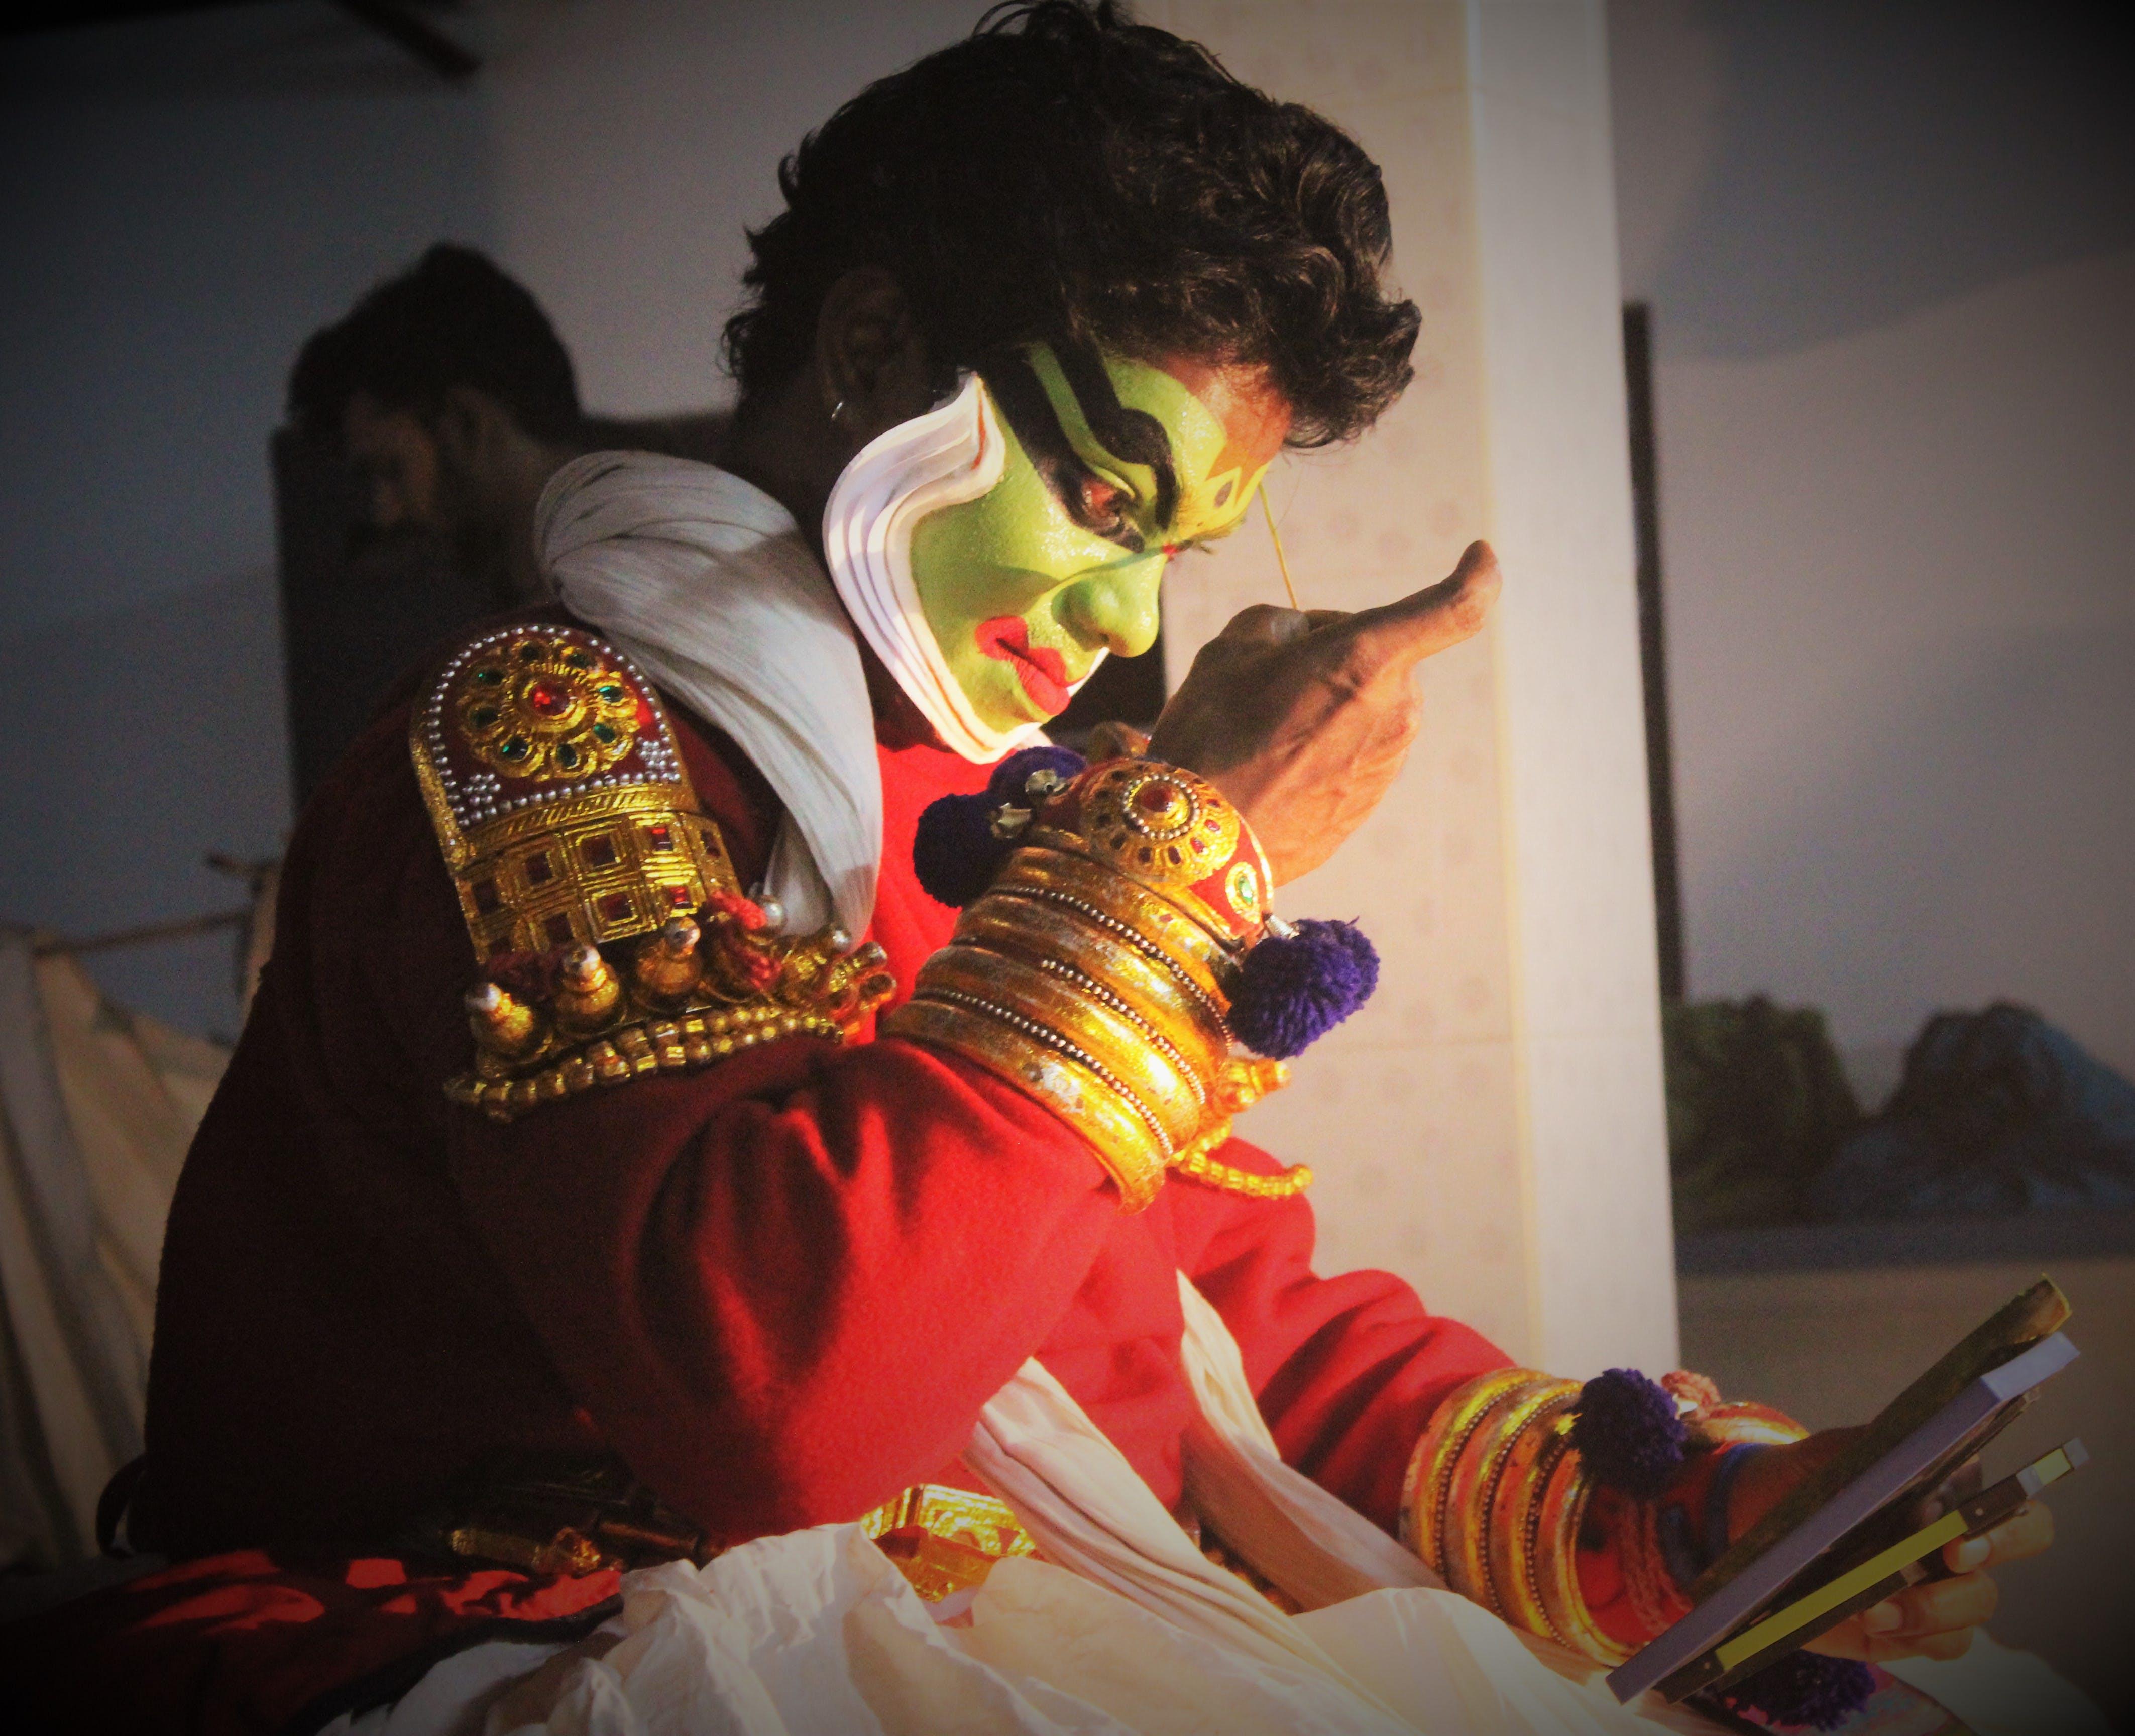 Kostenloses Stock Foto zu indische fest, indischer tänzer, kathakali, kathakali tanzen